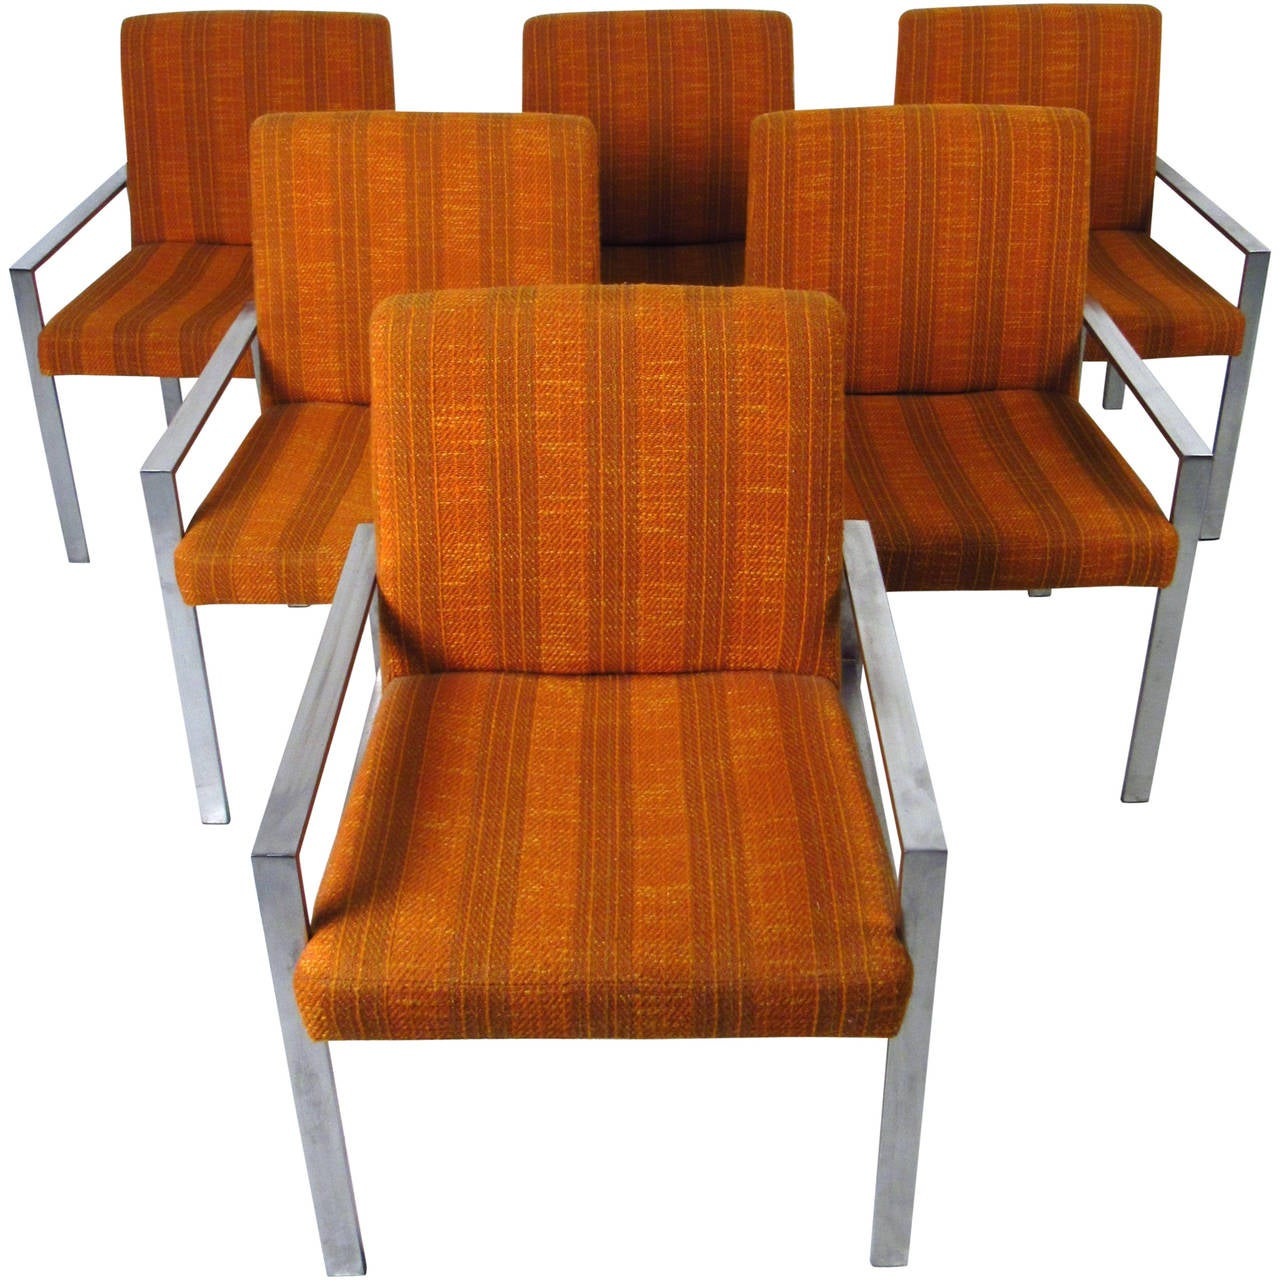 Set of mid century modern knoll style armchairs for sale for Mid century modern armchairs